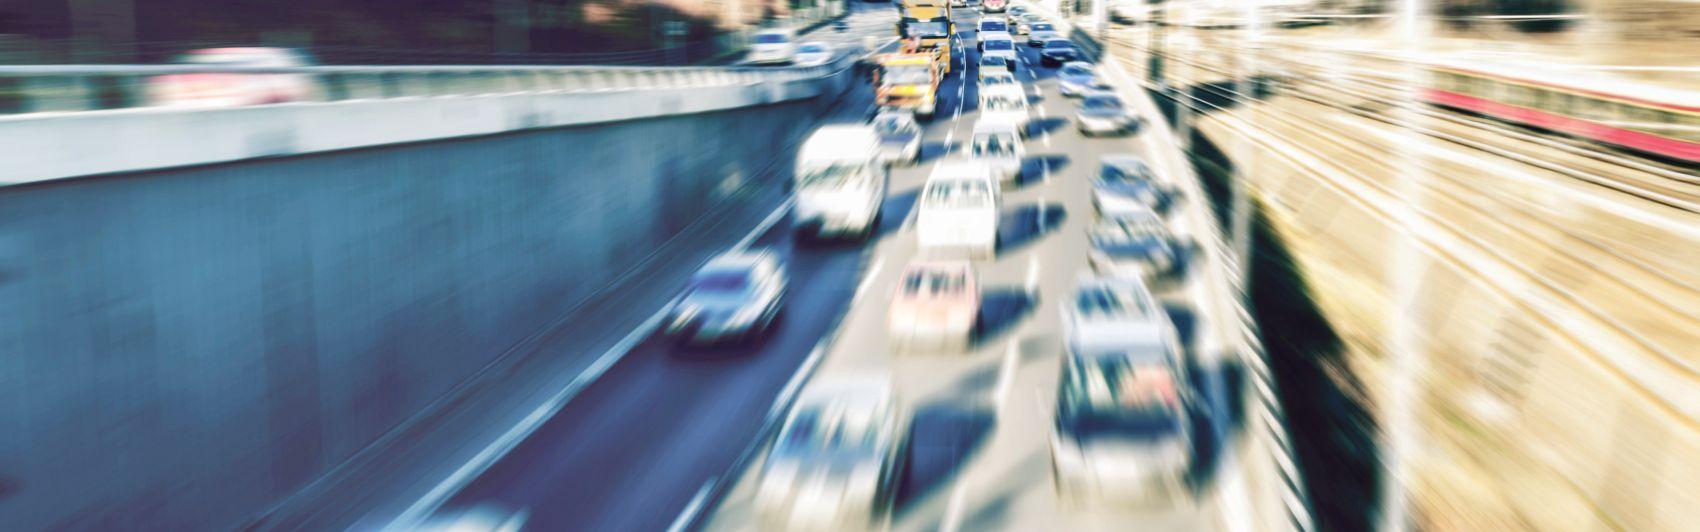 Infrastruktur und Mobilität